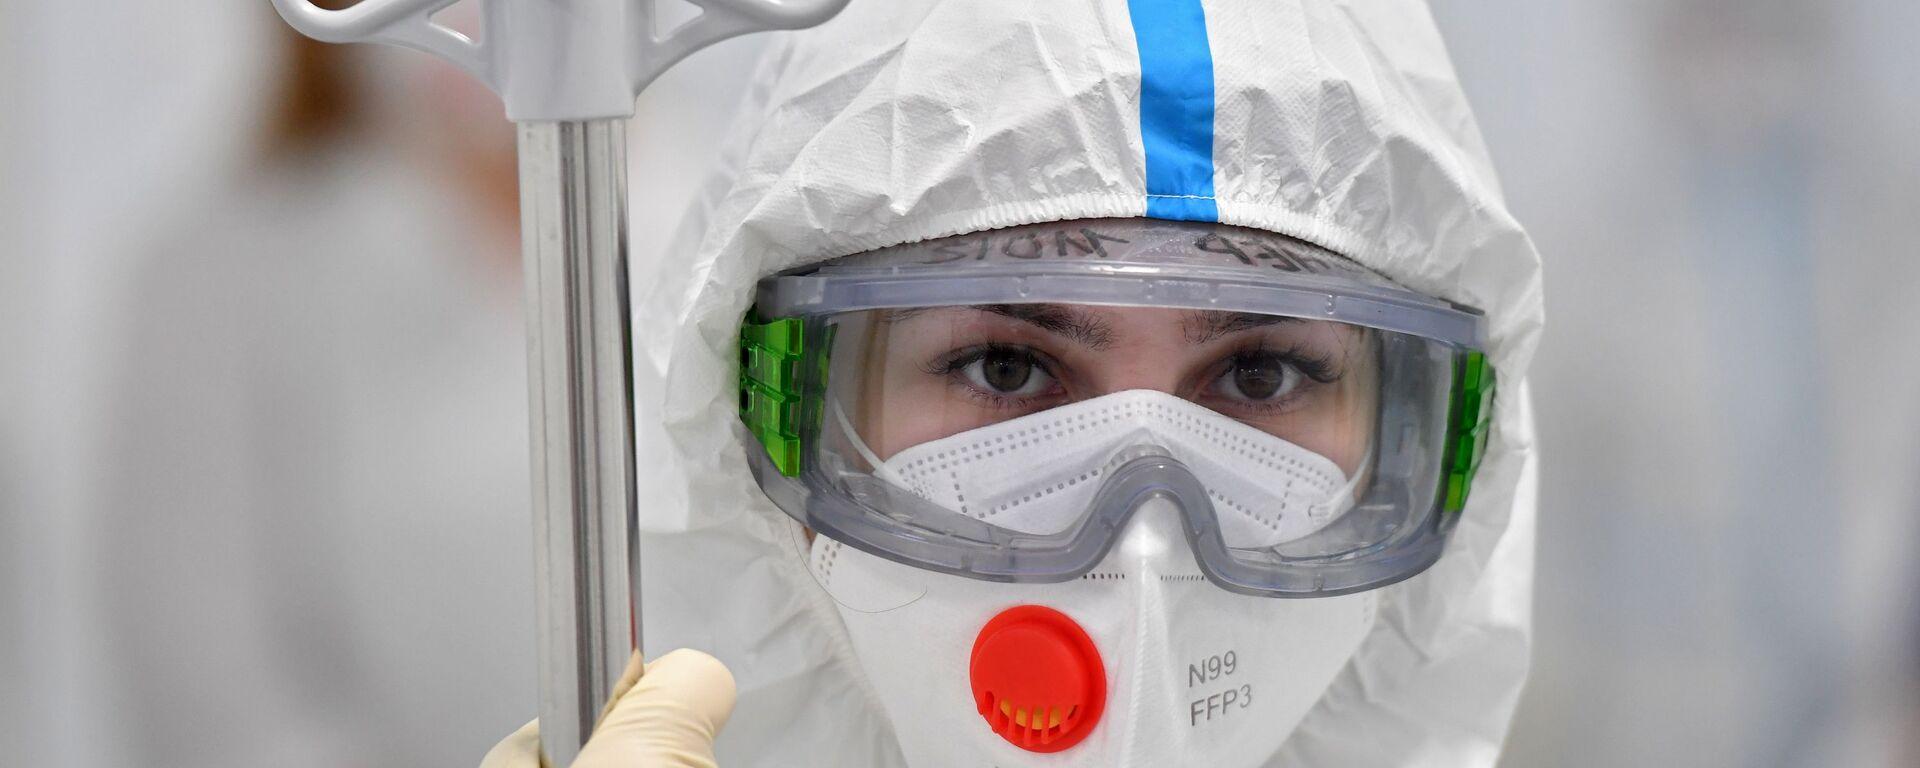 Медсестра в инфекционной клинической больнице №2 Департамента здравоохранения города Москвы - Sputnik Таджикистан, 1920, 26.07.2021